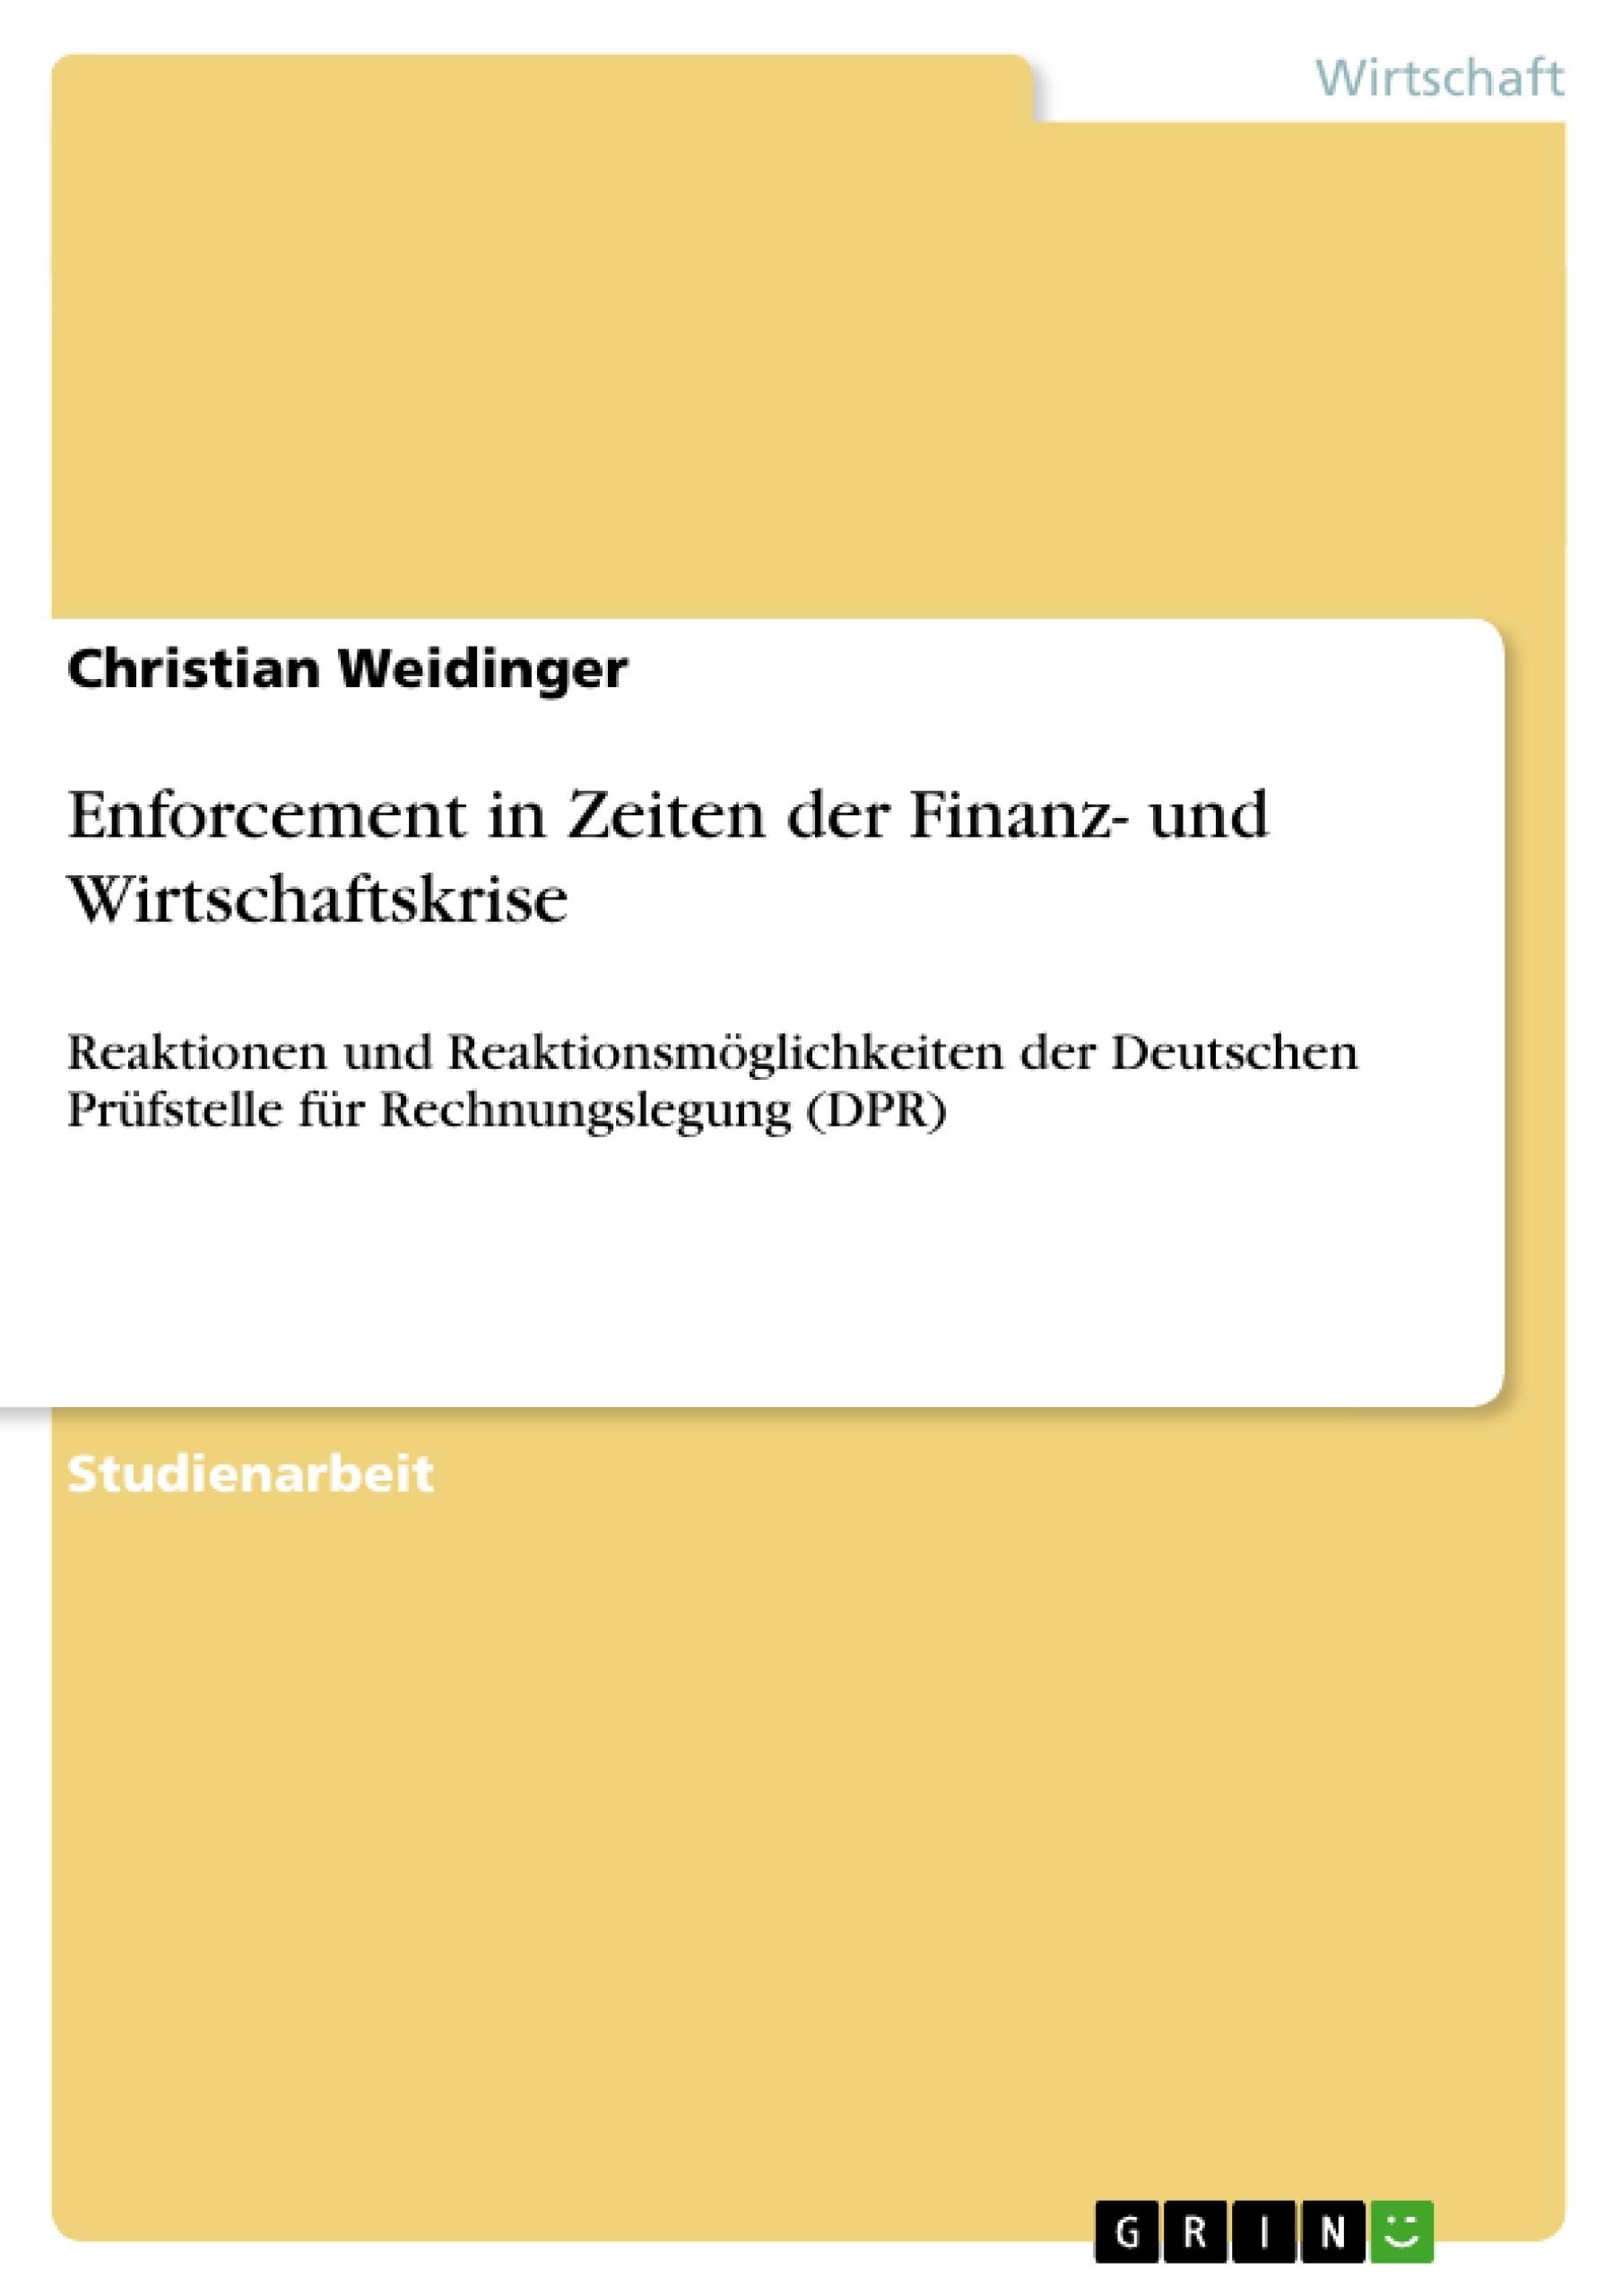 Titel: Enforcement in Zeiten der Finanz- und Wirtschaftskrise